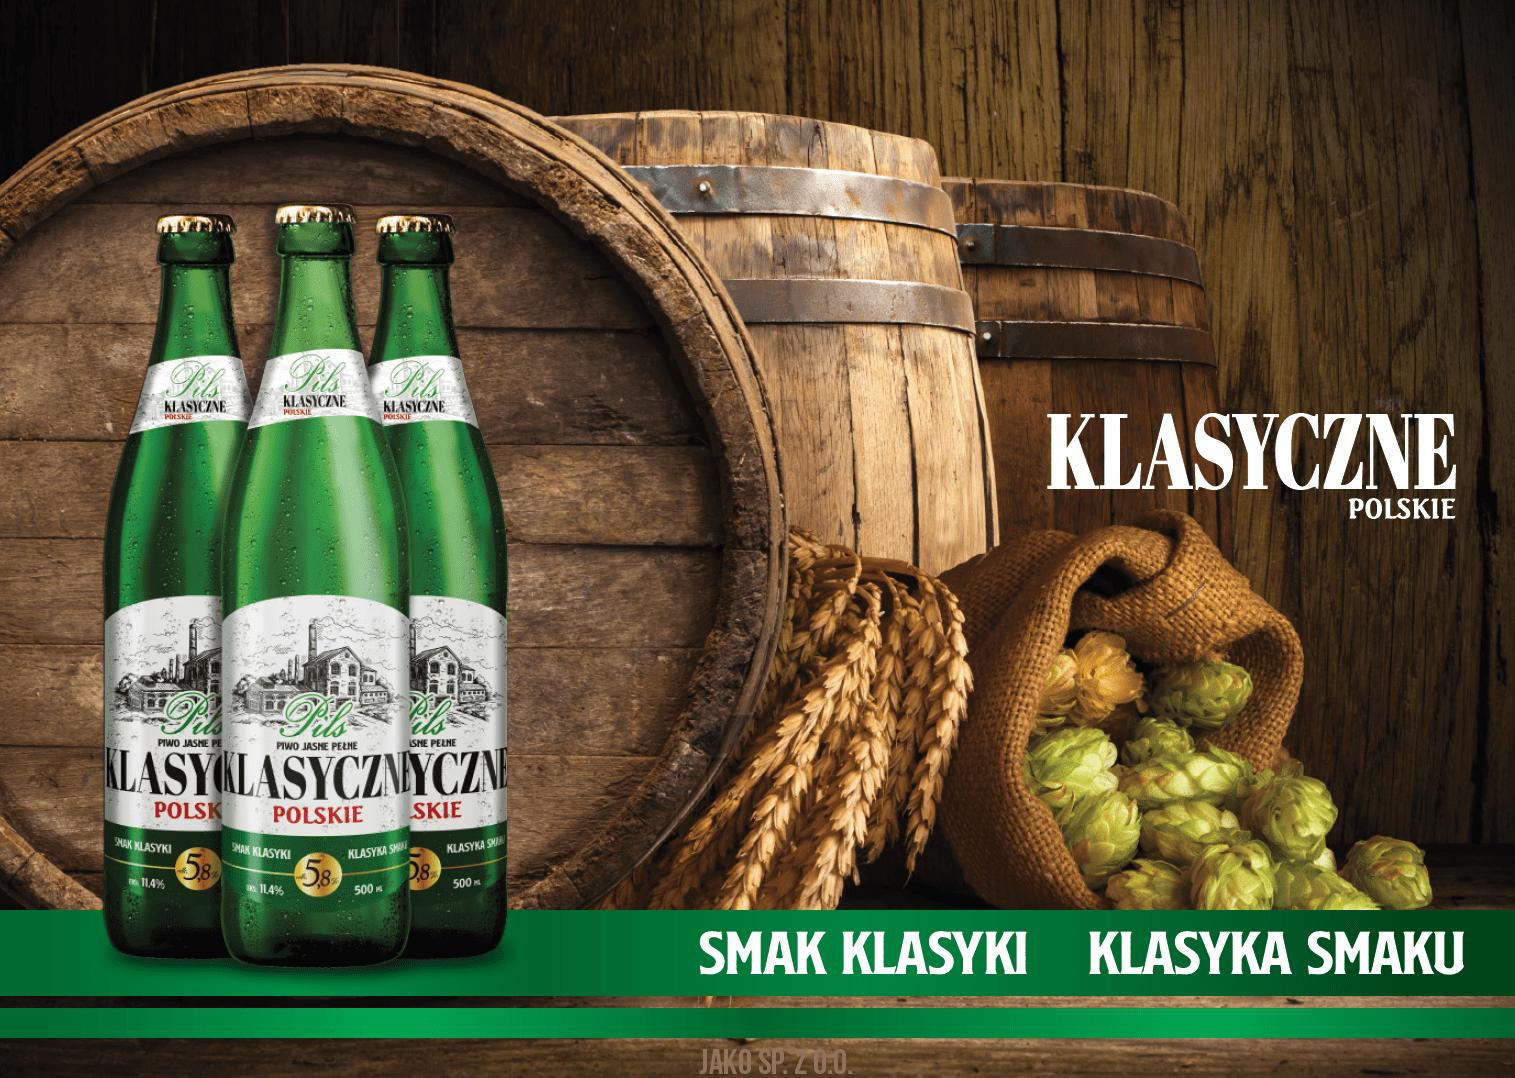 Klasyczne Polskie  - nowa marka w ofercie Jako - klasyczne